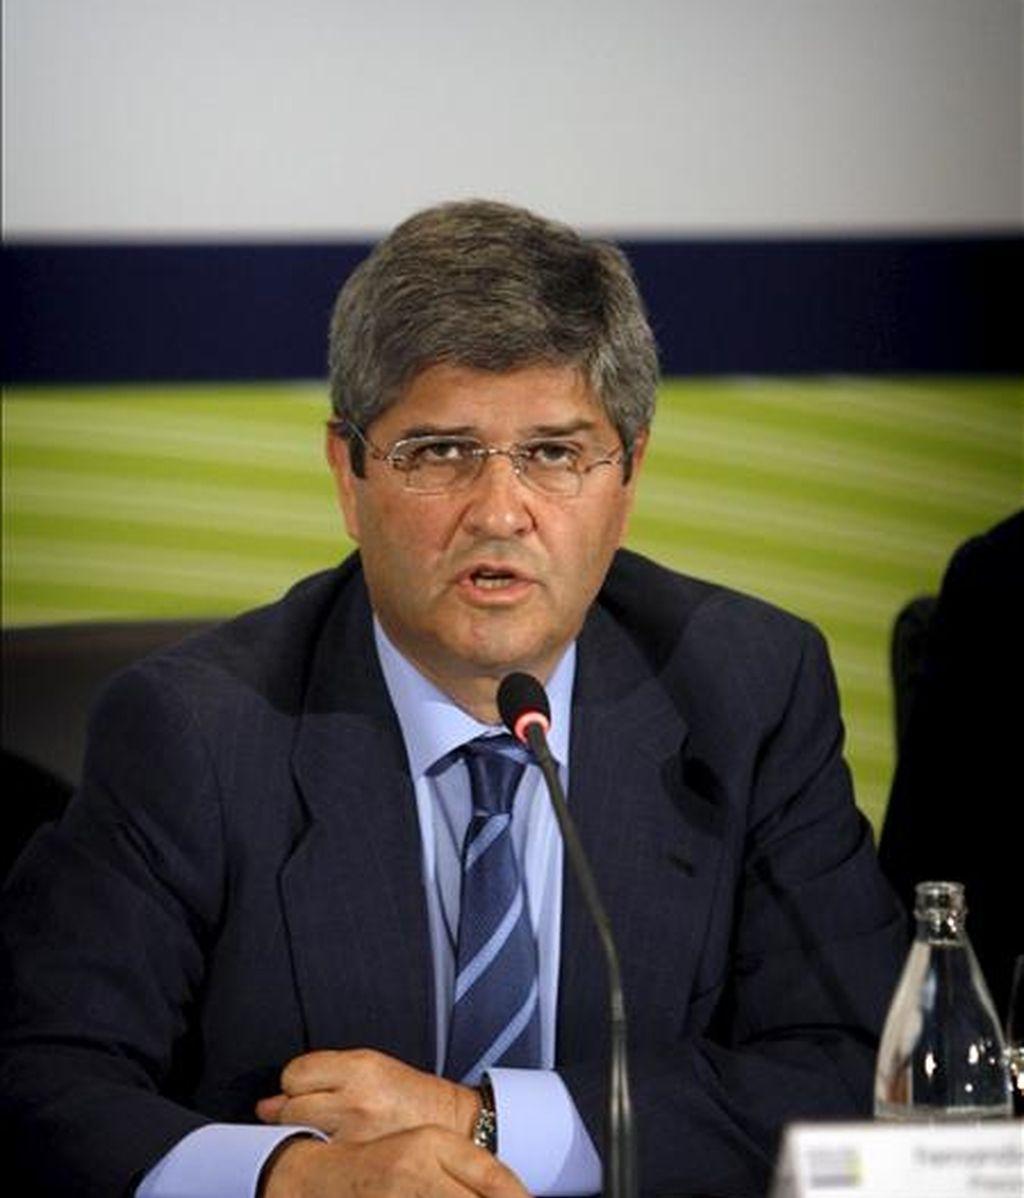 El presidente de la inmobiliaria Martinsa-Fadesa, Fernando Martín, durante una Junta General Ordinaria de Accionistas. EFE/Archivo